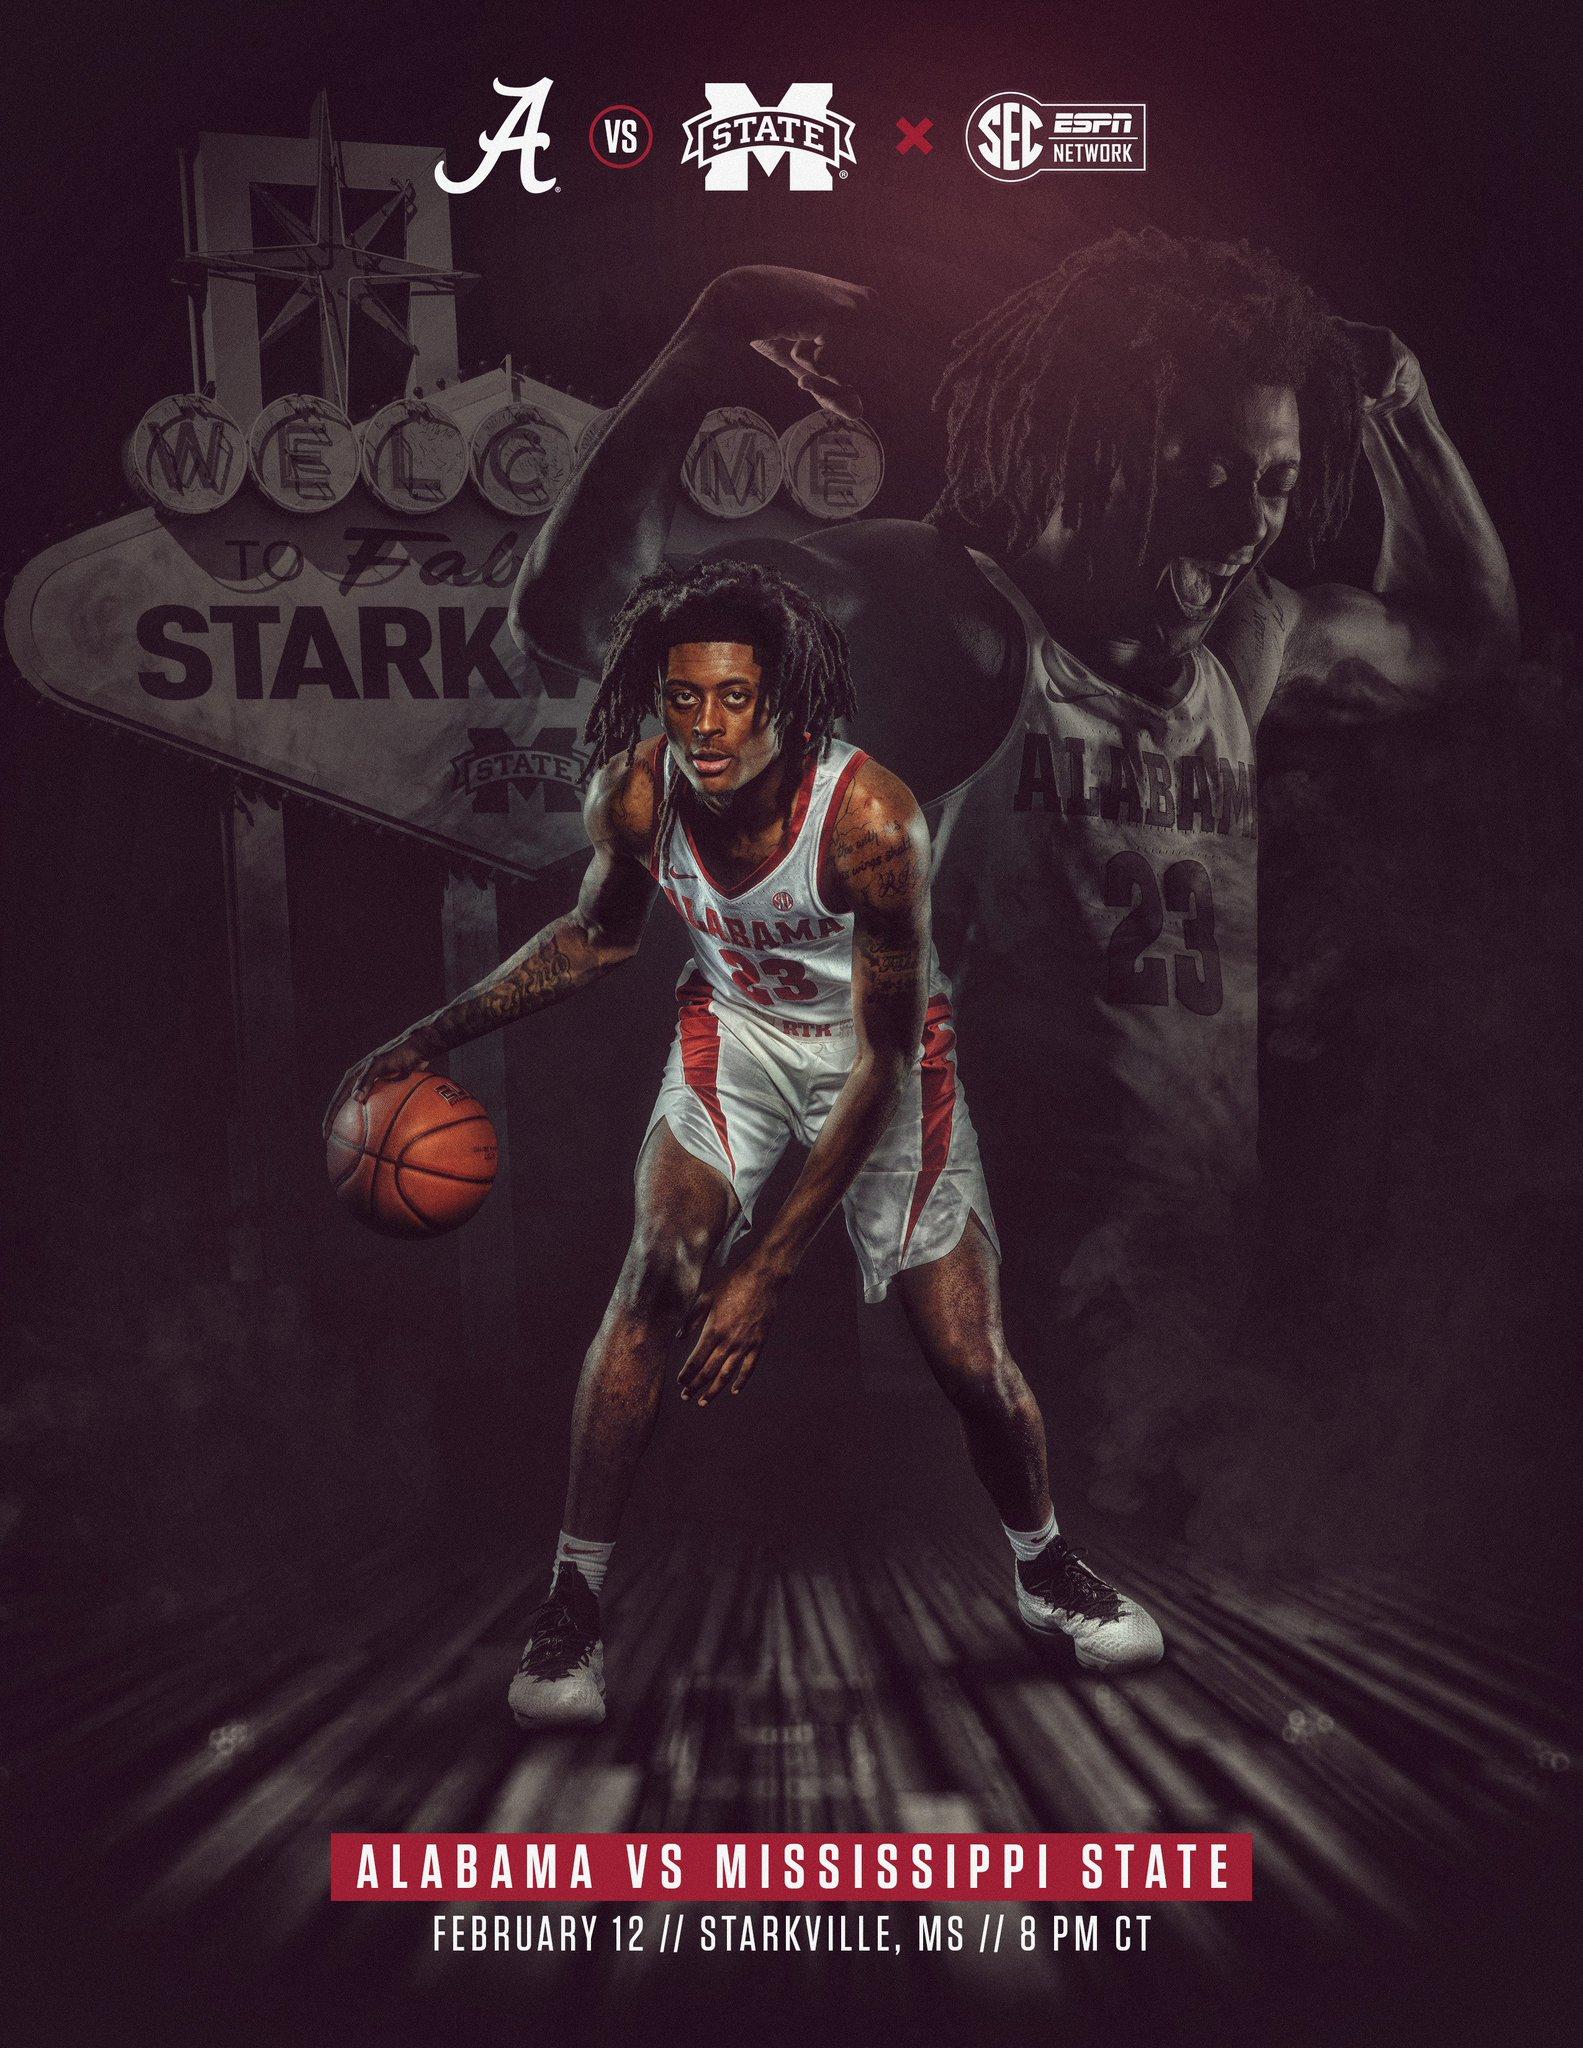 Alabama Crimson Tide NCAA Basketball: We meet again.   #RollTide #BuckleUp.  Tweet by @AlabamaMBB